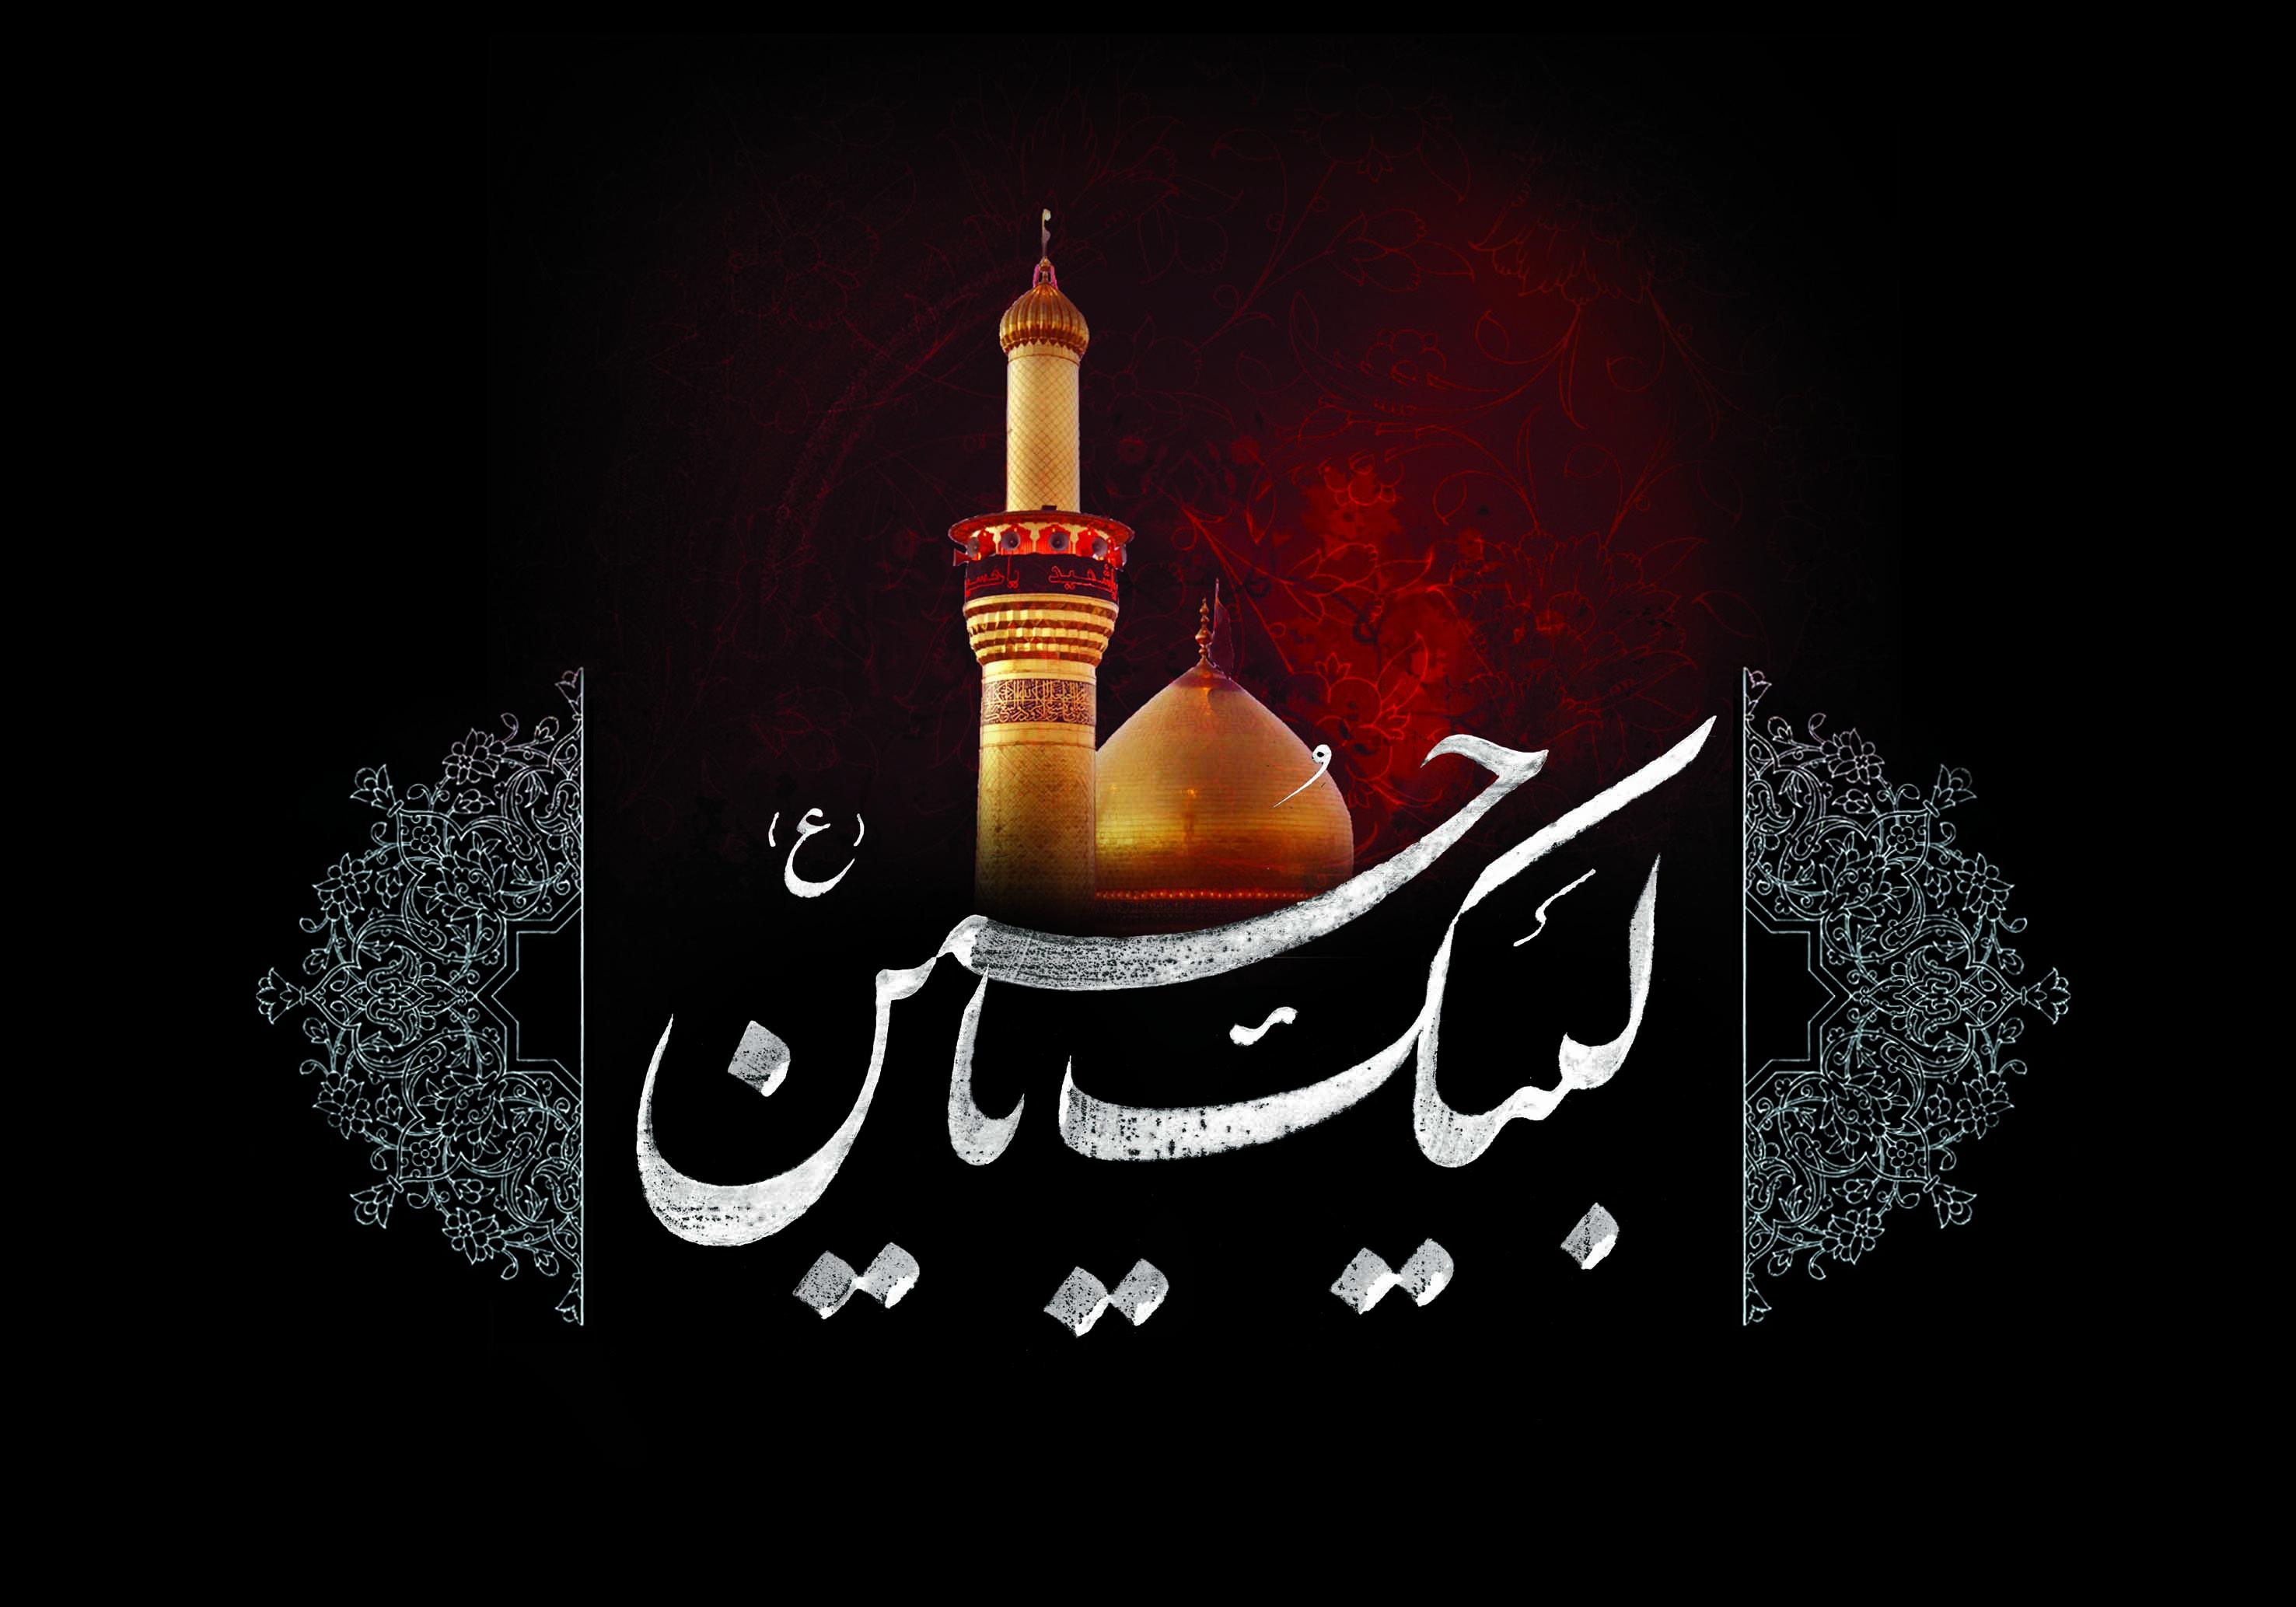 چگونه لقمه حرام سرنوشت عاشورا را تغییر داد؟